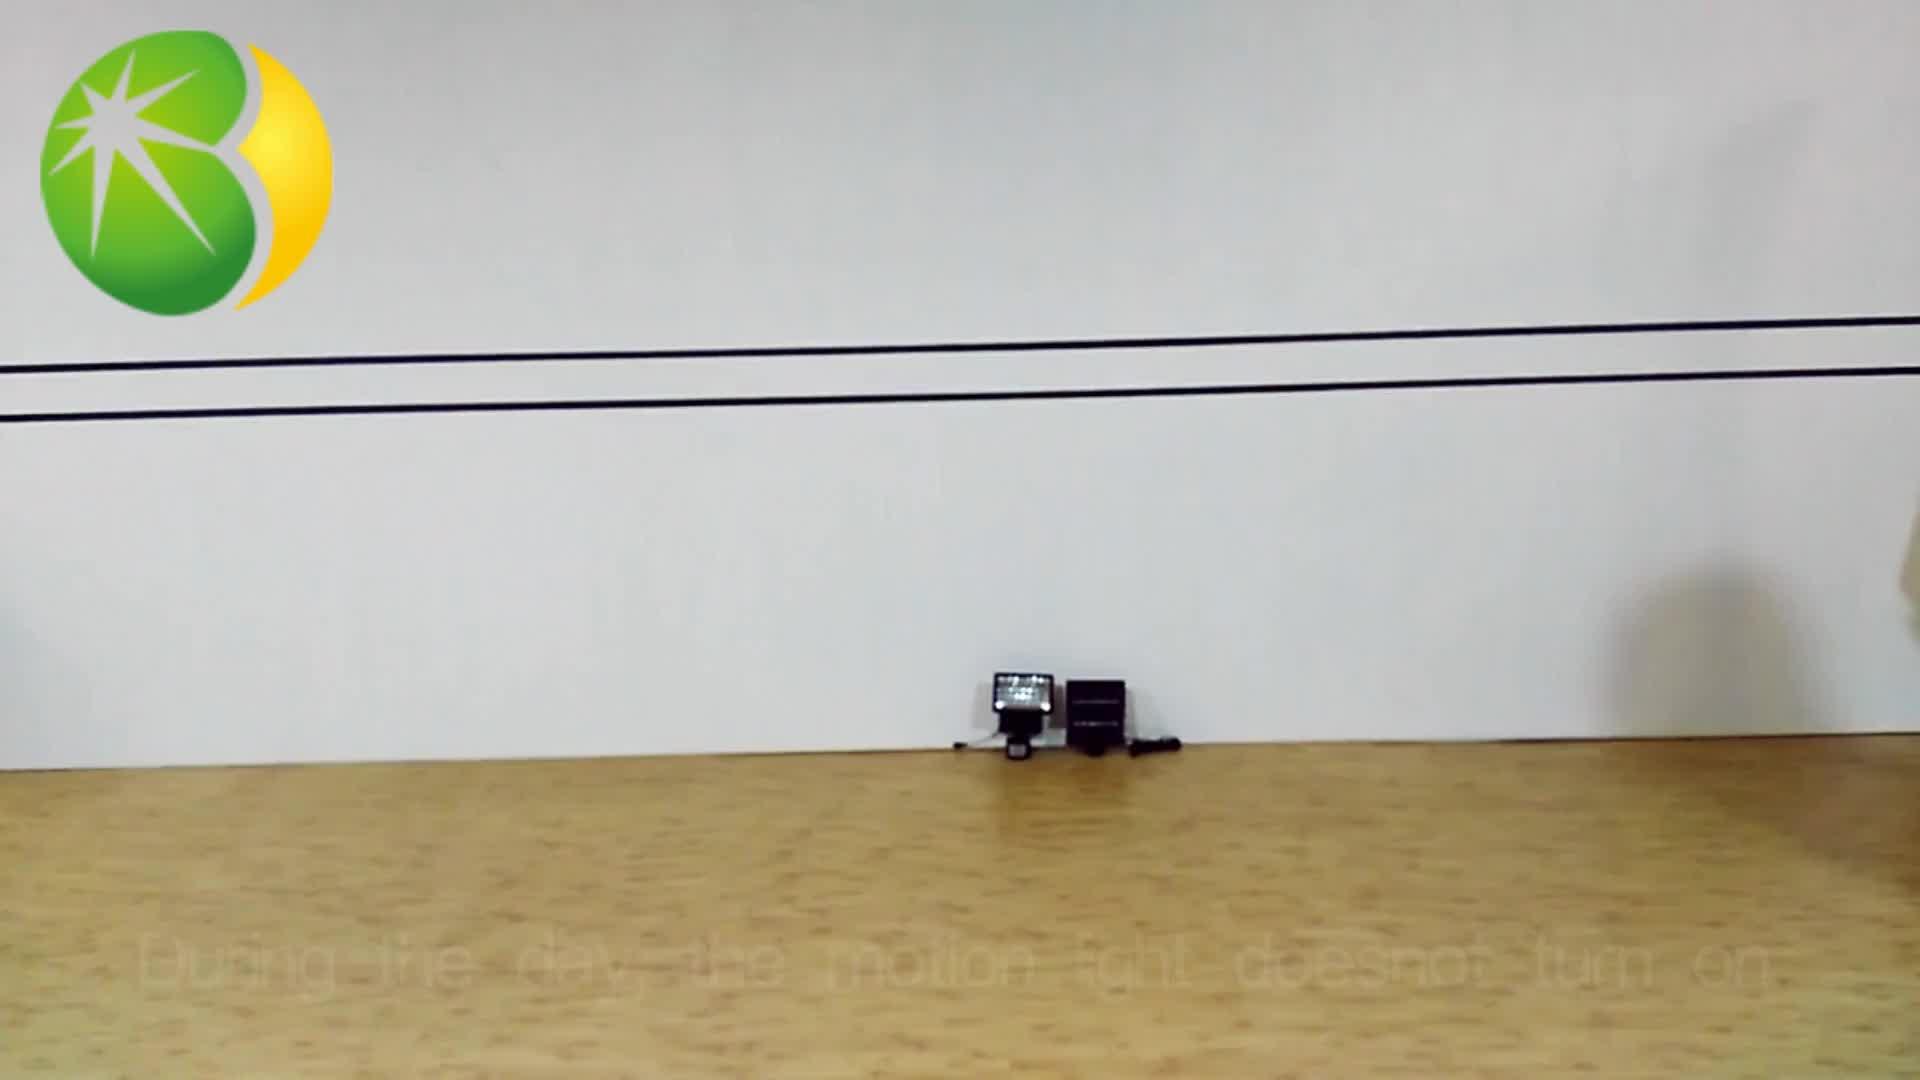 Led projektör kızılötesi ışın uzun mesafe hareket dedektörü